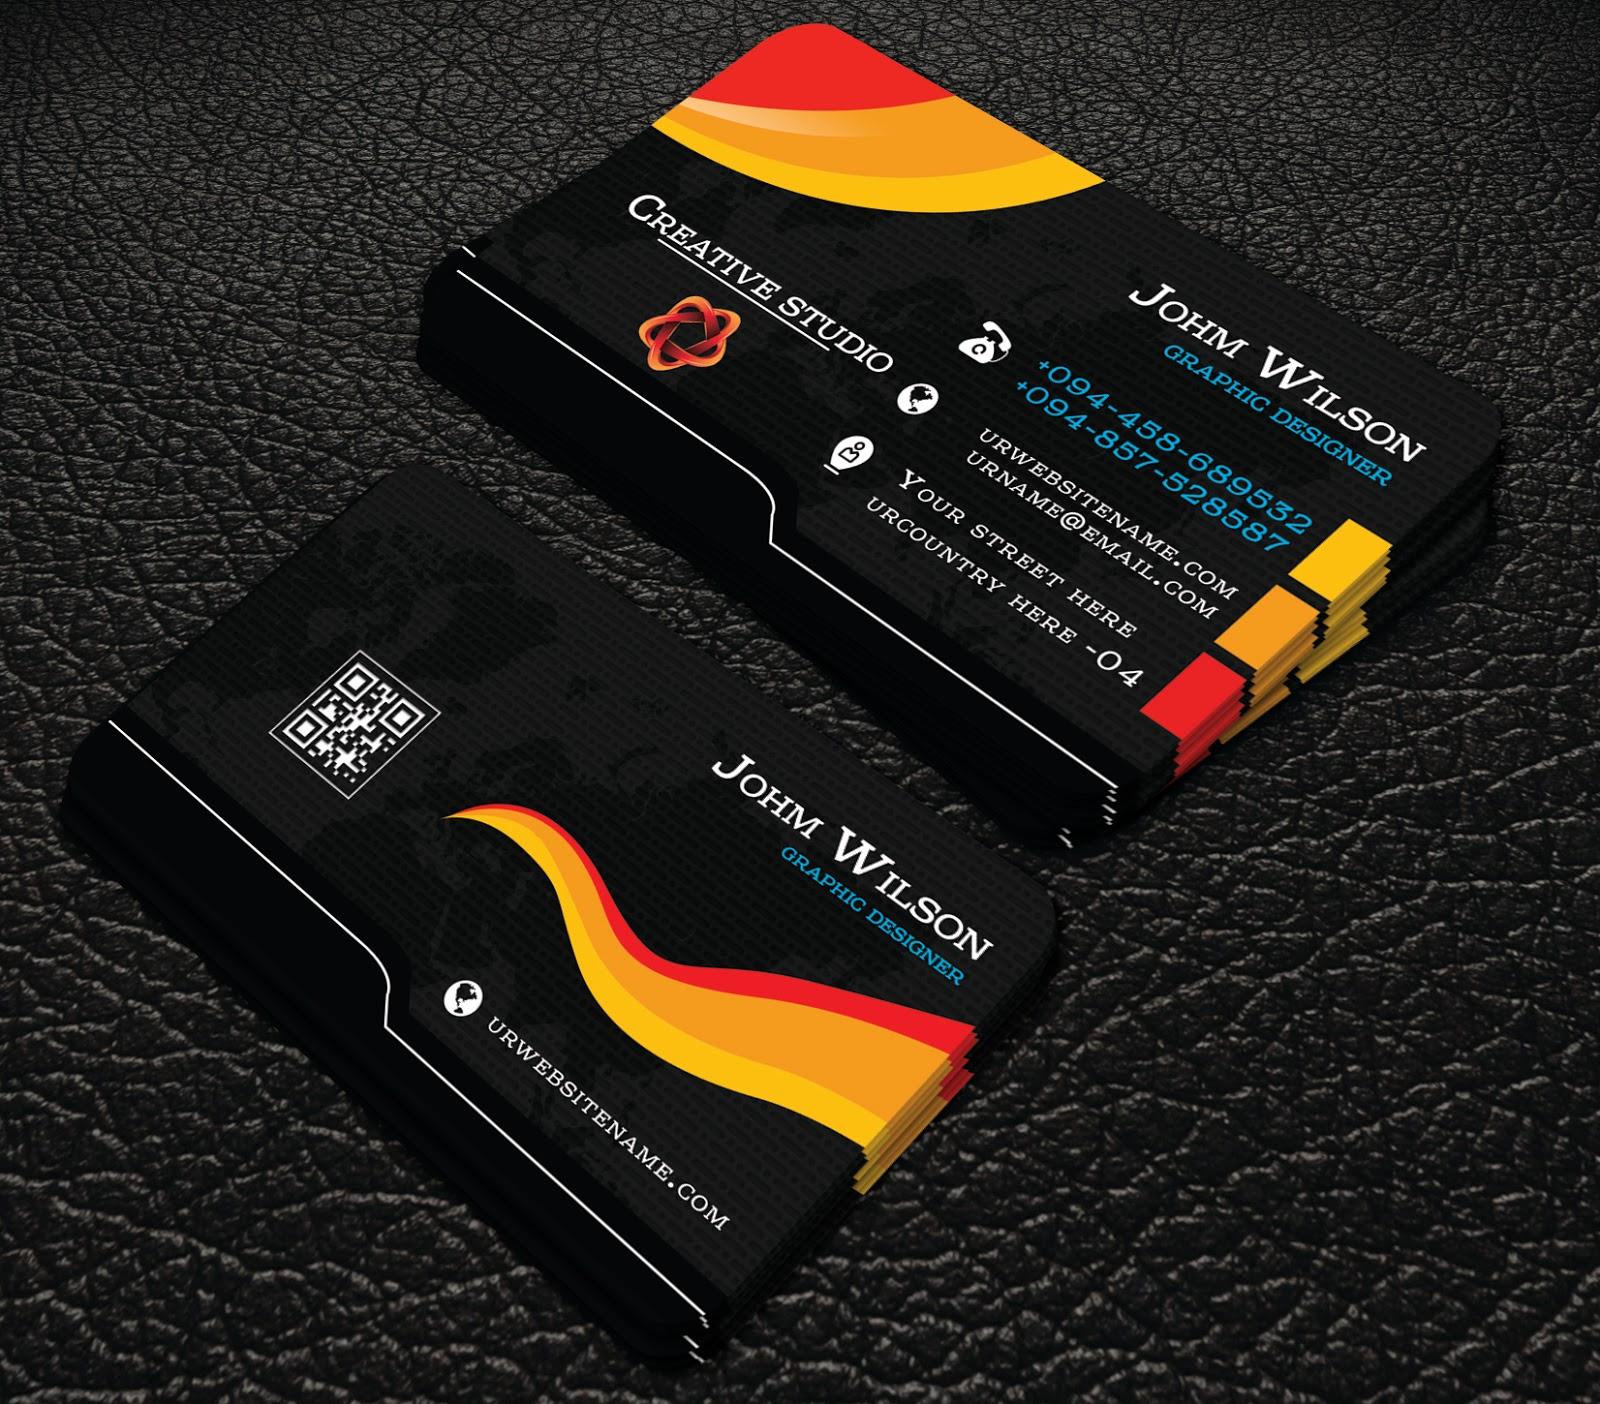 Quickbooks invoice templates professional business card templates free template professional business card templates cheaphphosting Gallery